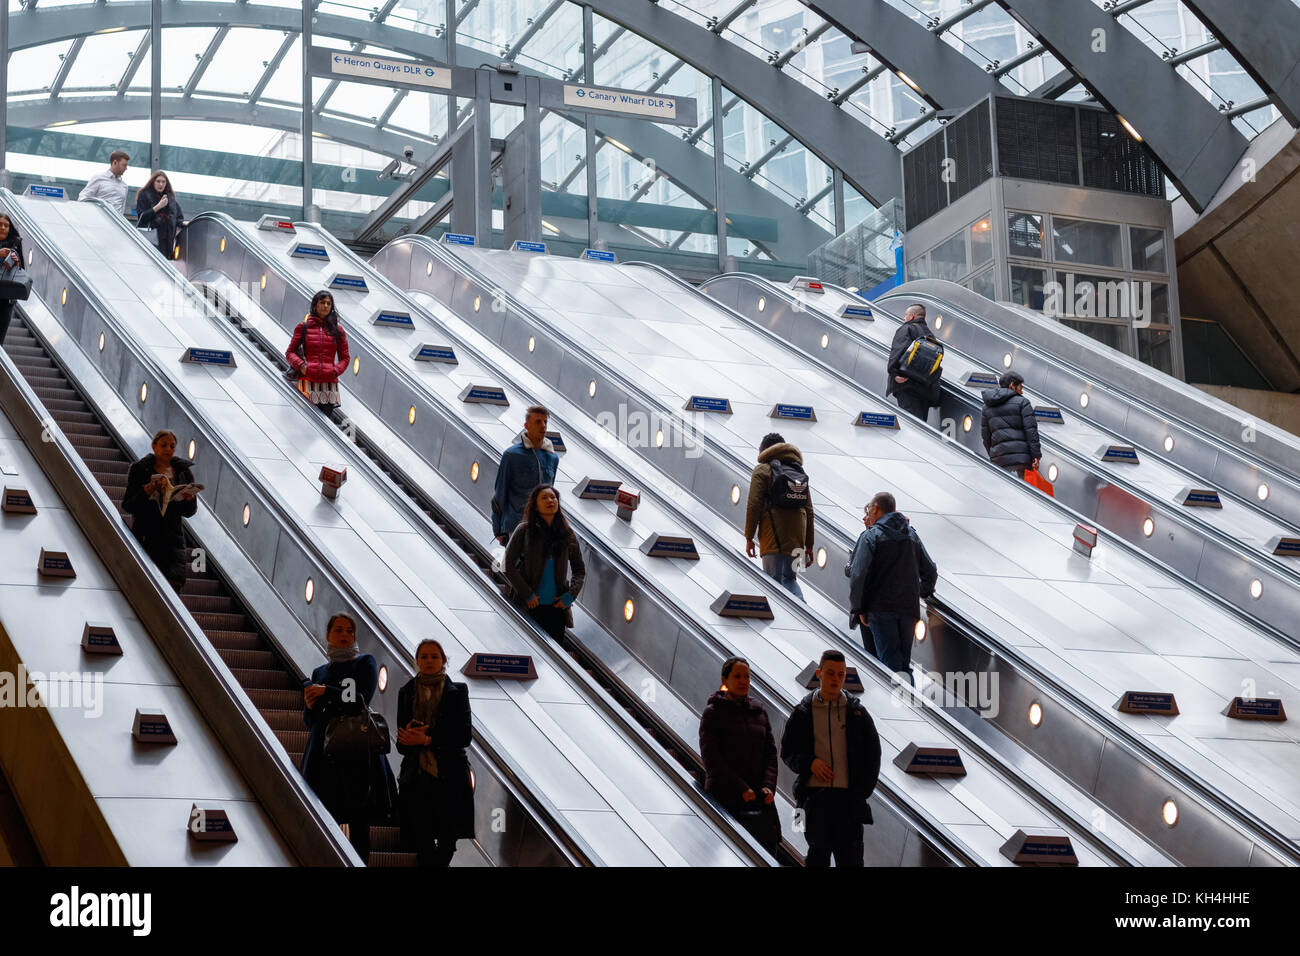 Londres, Royaume-Uni - 24 novembre 2017 - entrée de la station de métro canary wharf avec les usagers Photo Stock